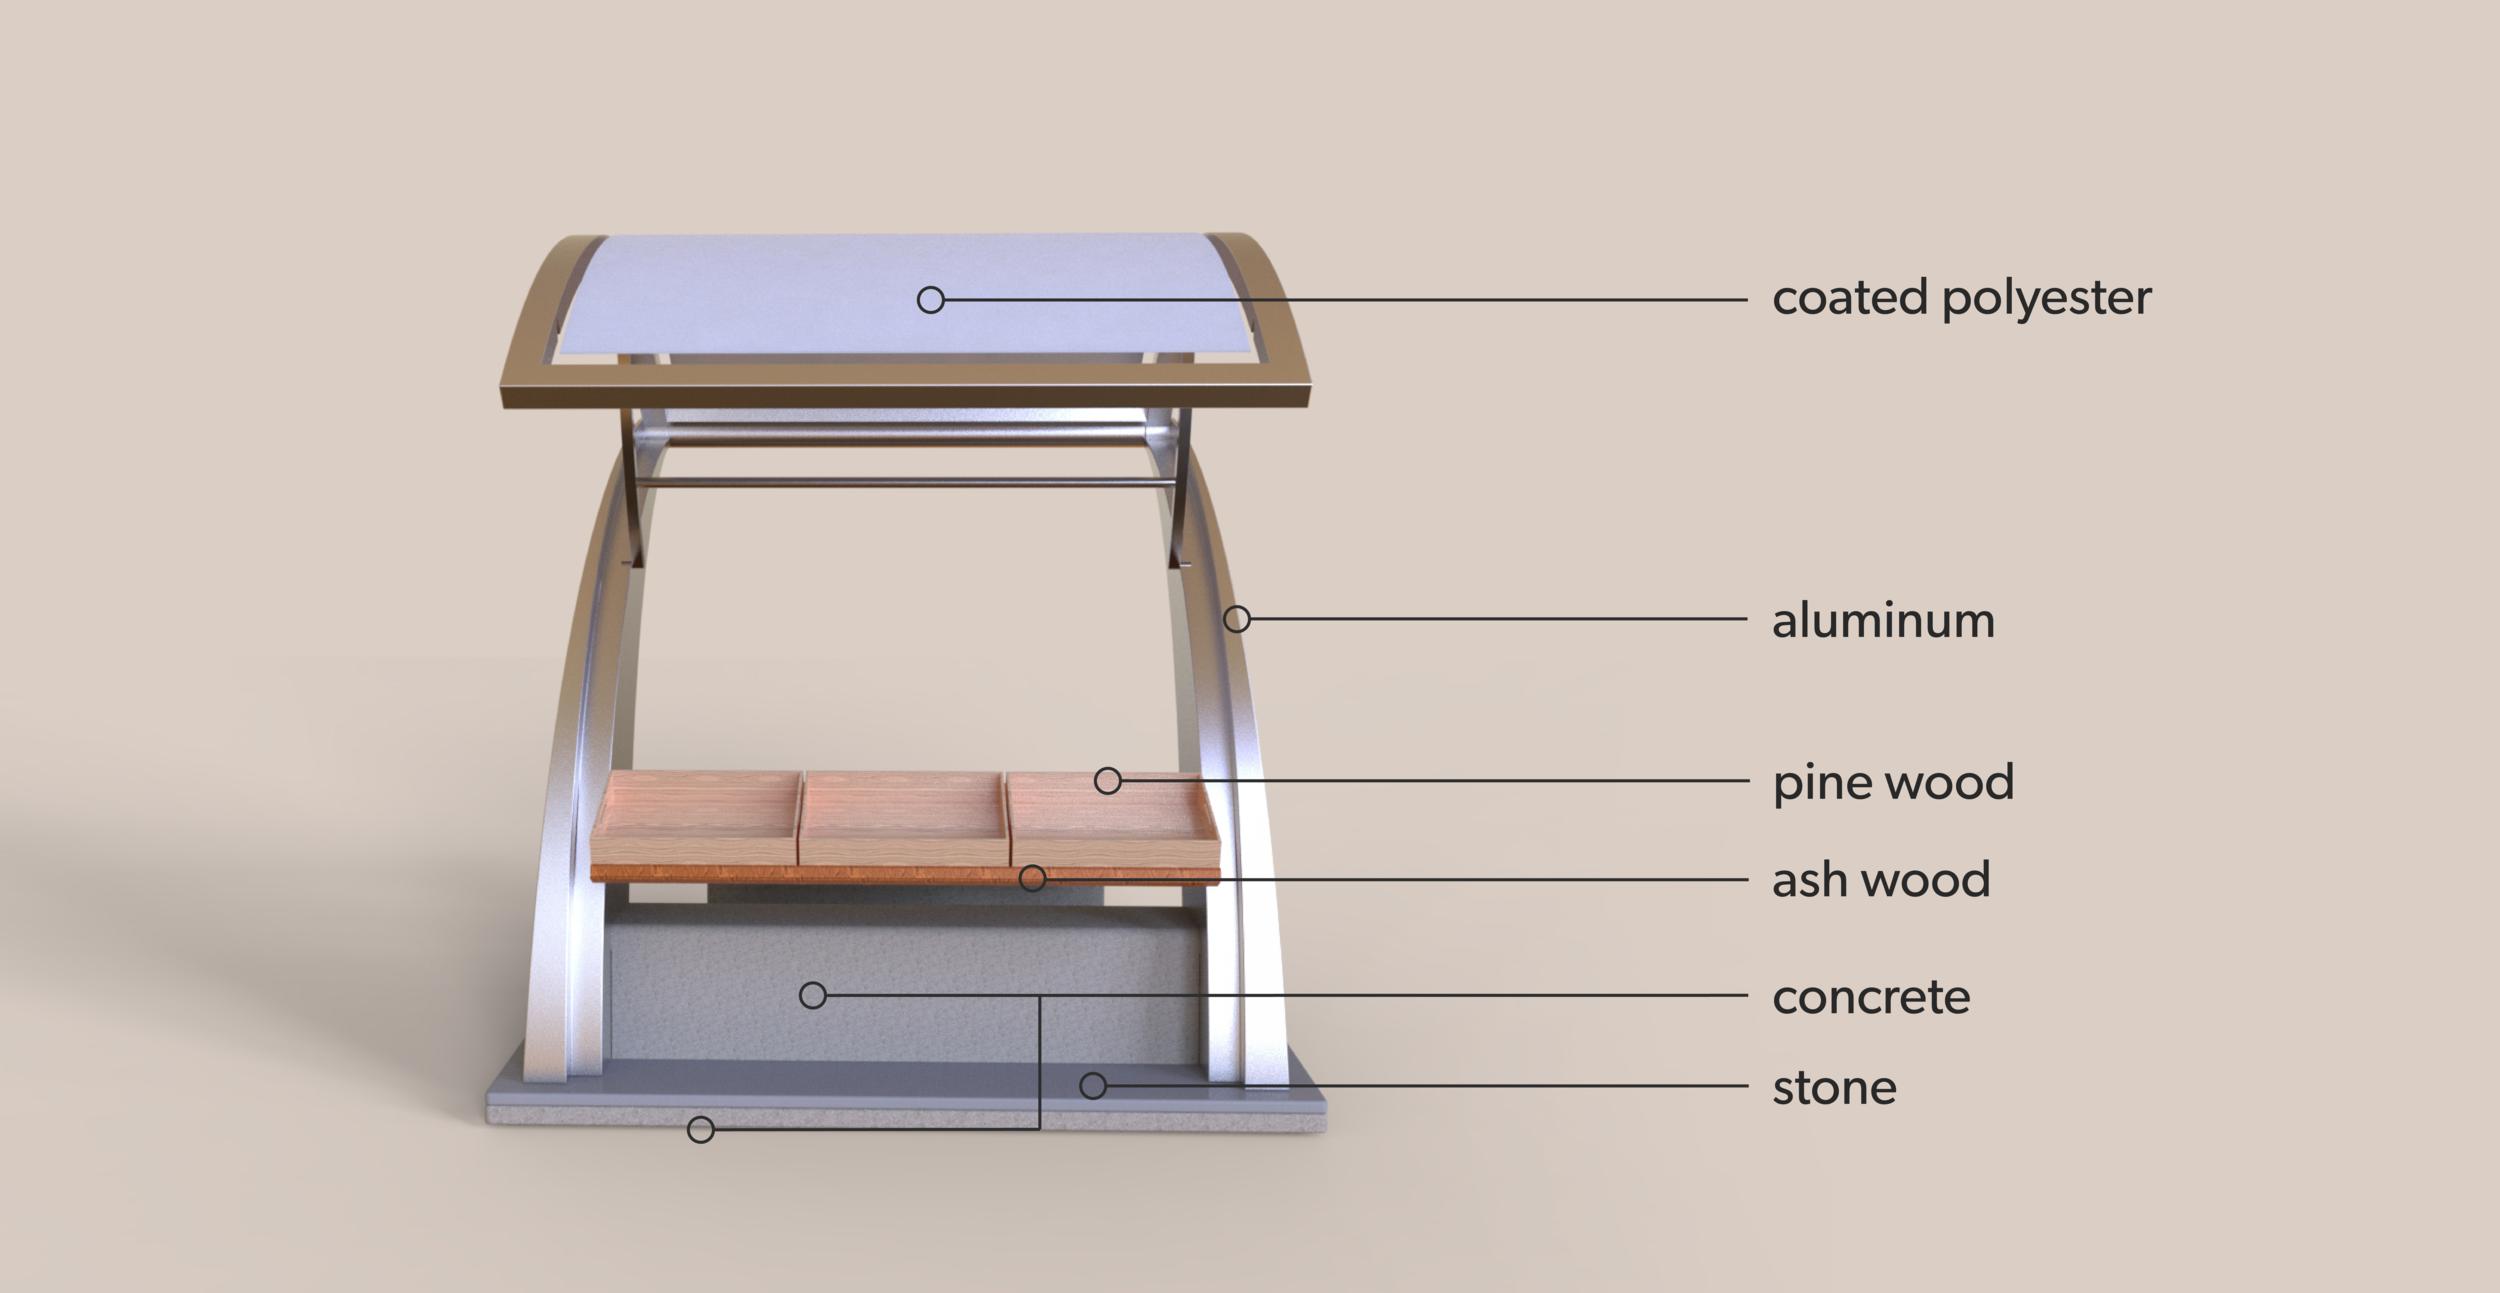 popup-materials.png